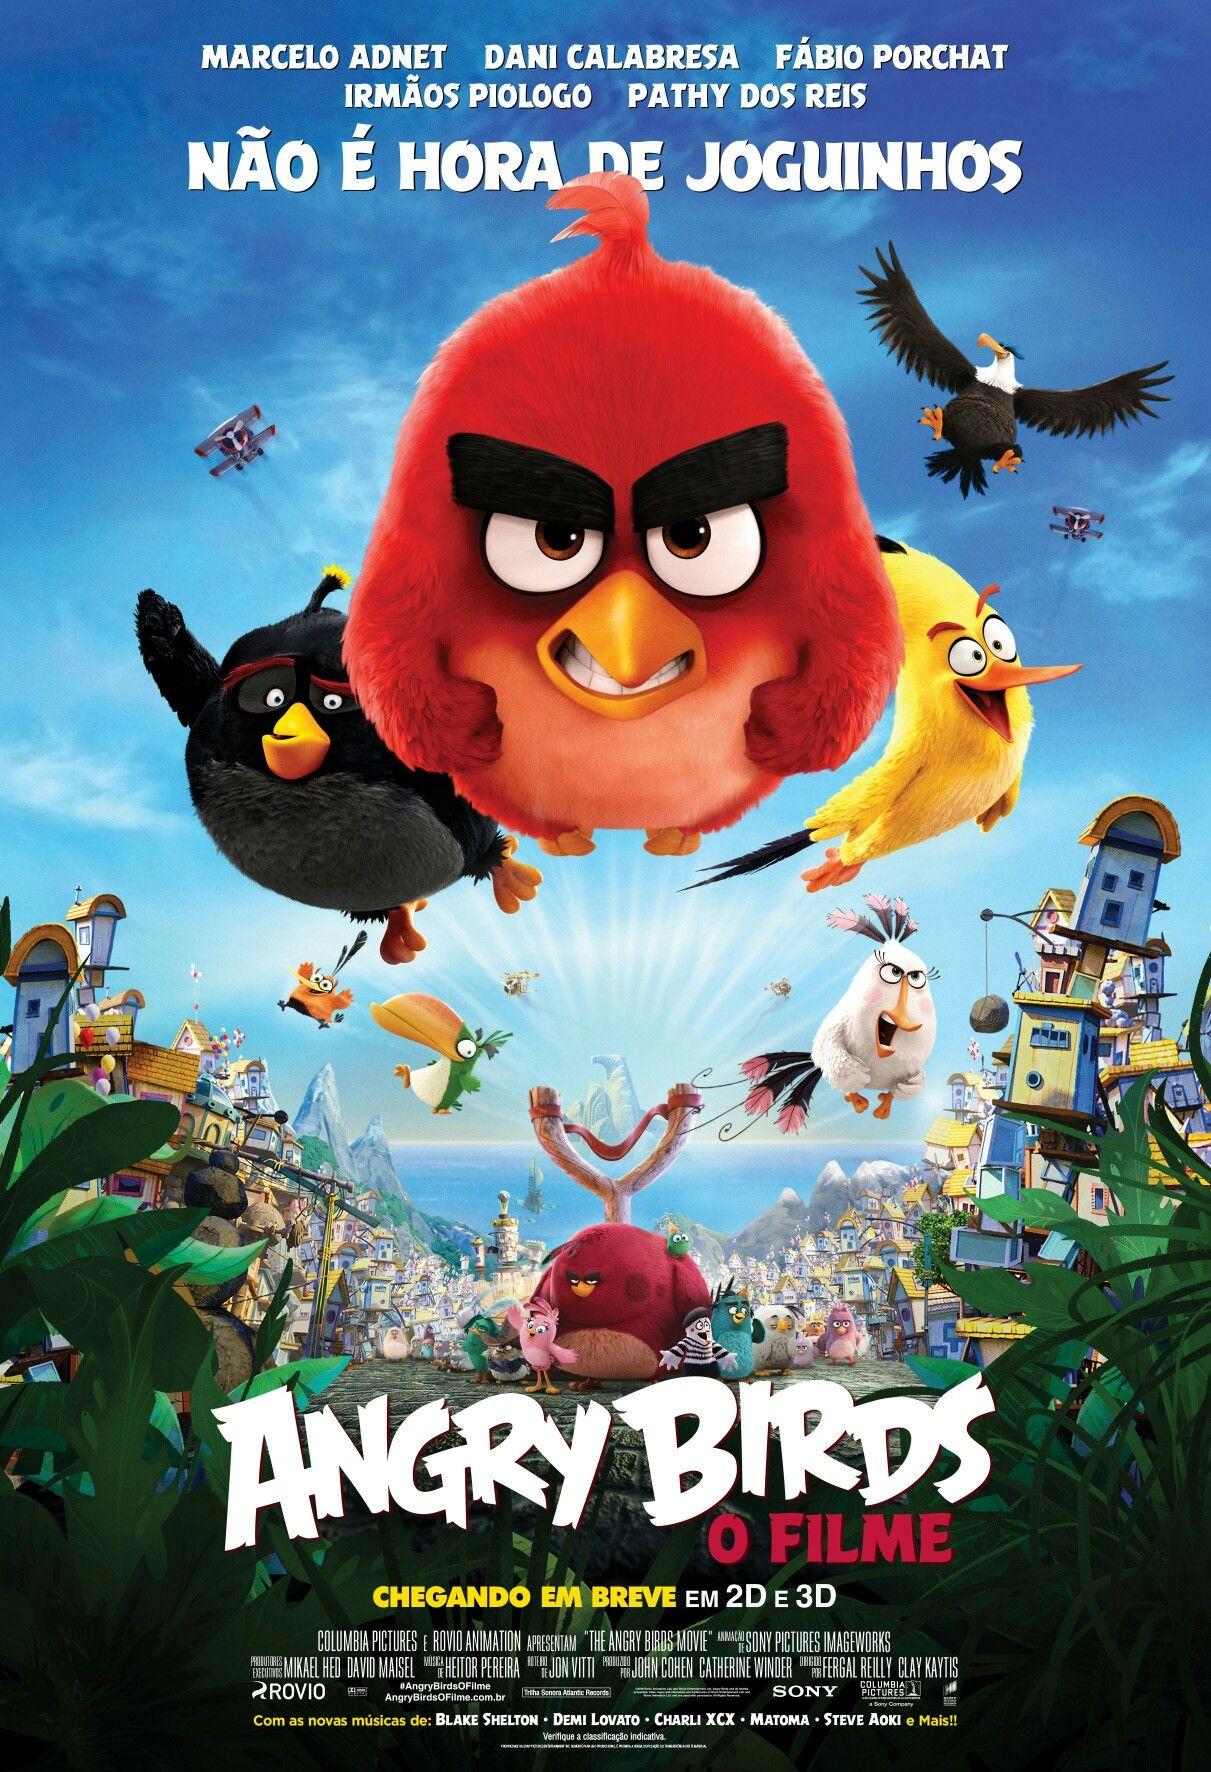 Pin De Adriana Goncalves Em Animation Movies Angry Birds Filme